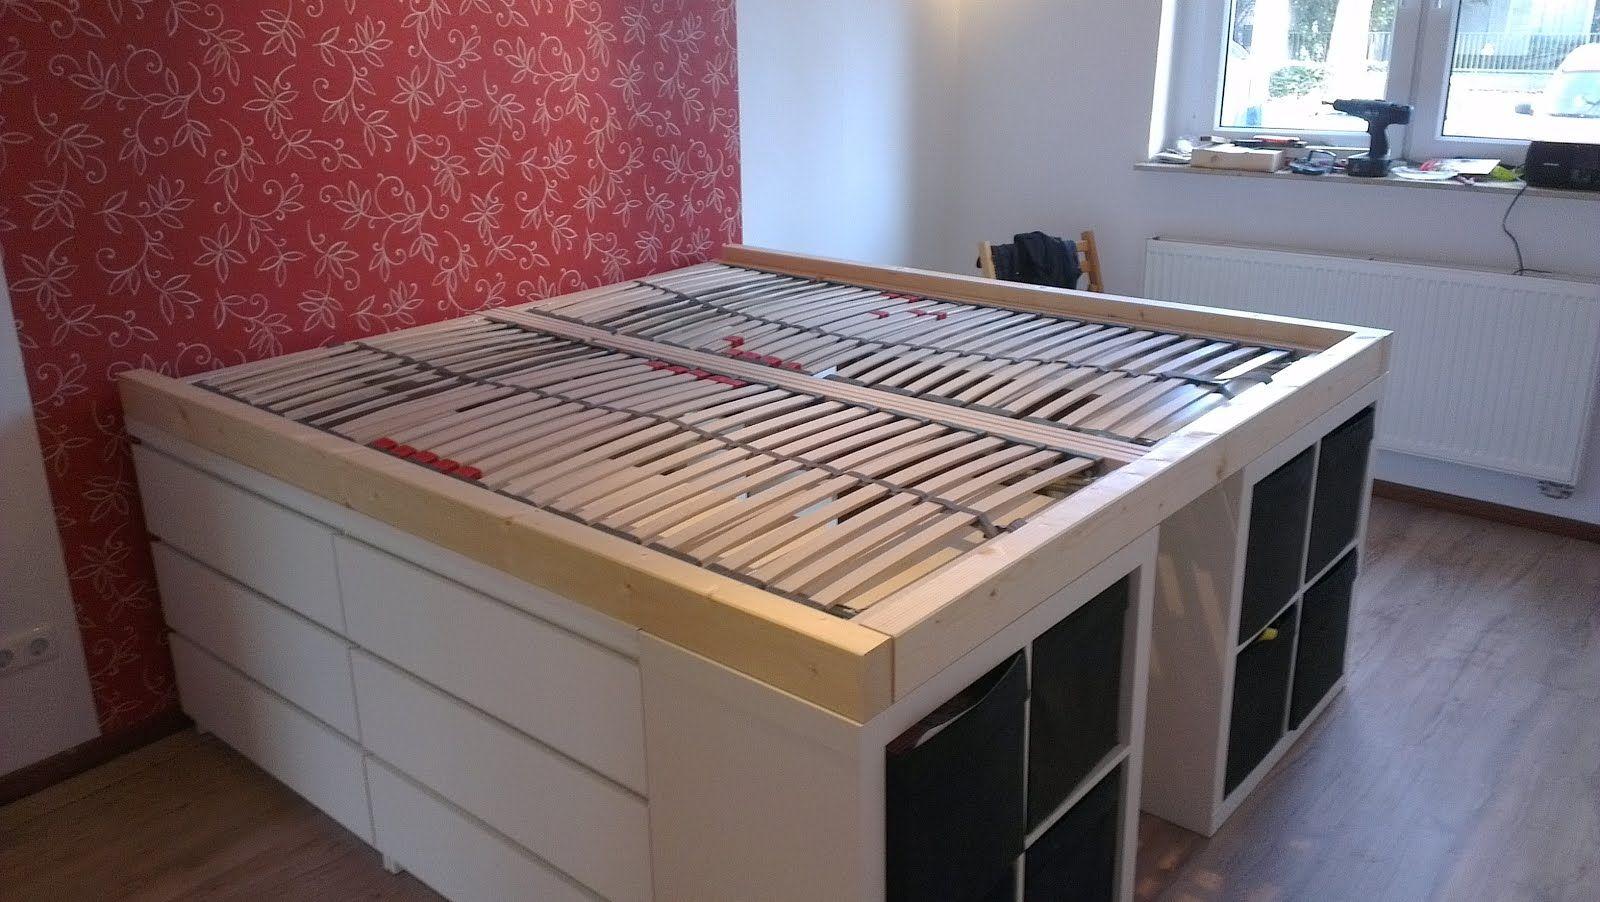 Ikea Hackers Bedroom Loft Storage Bed From Cheap Ikea